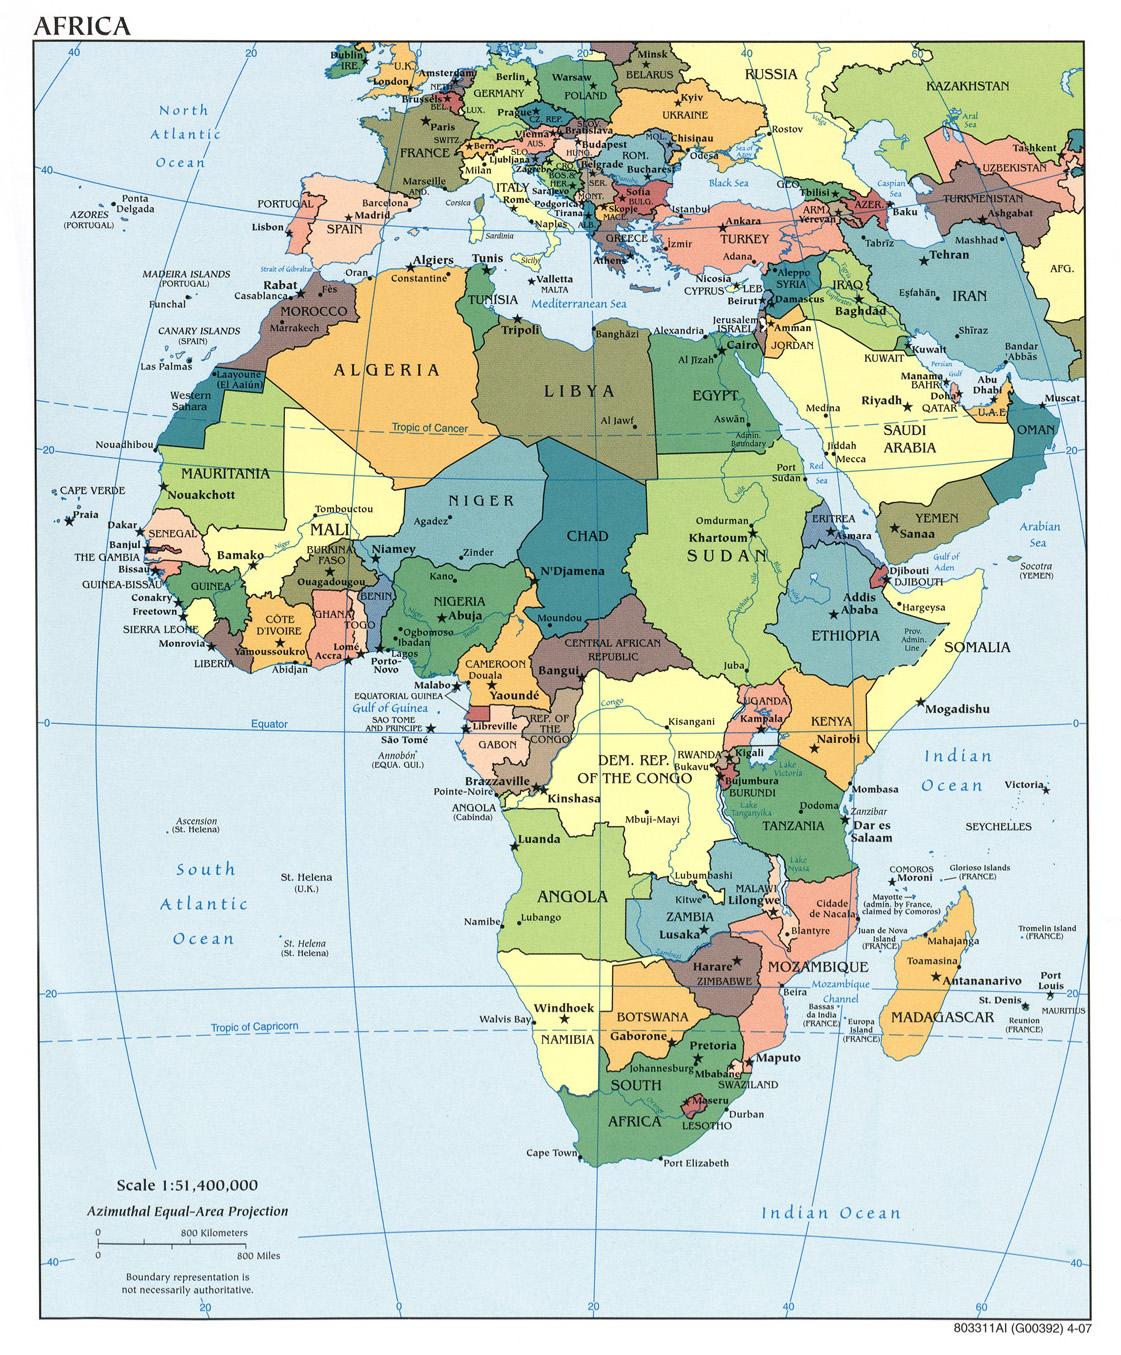 térkép afrika Térkép: Afrika politikai térképe (kép) térkép afrika